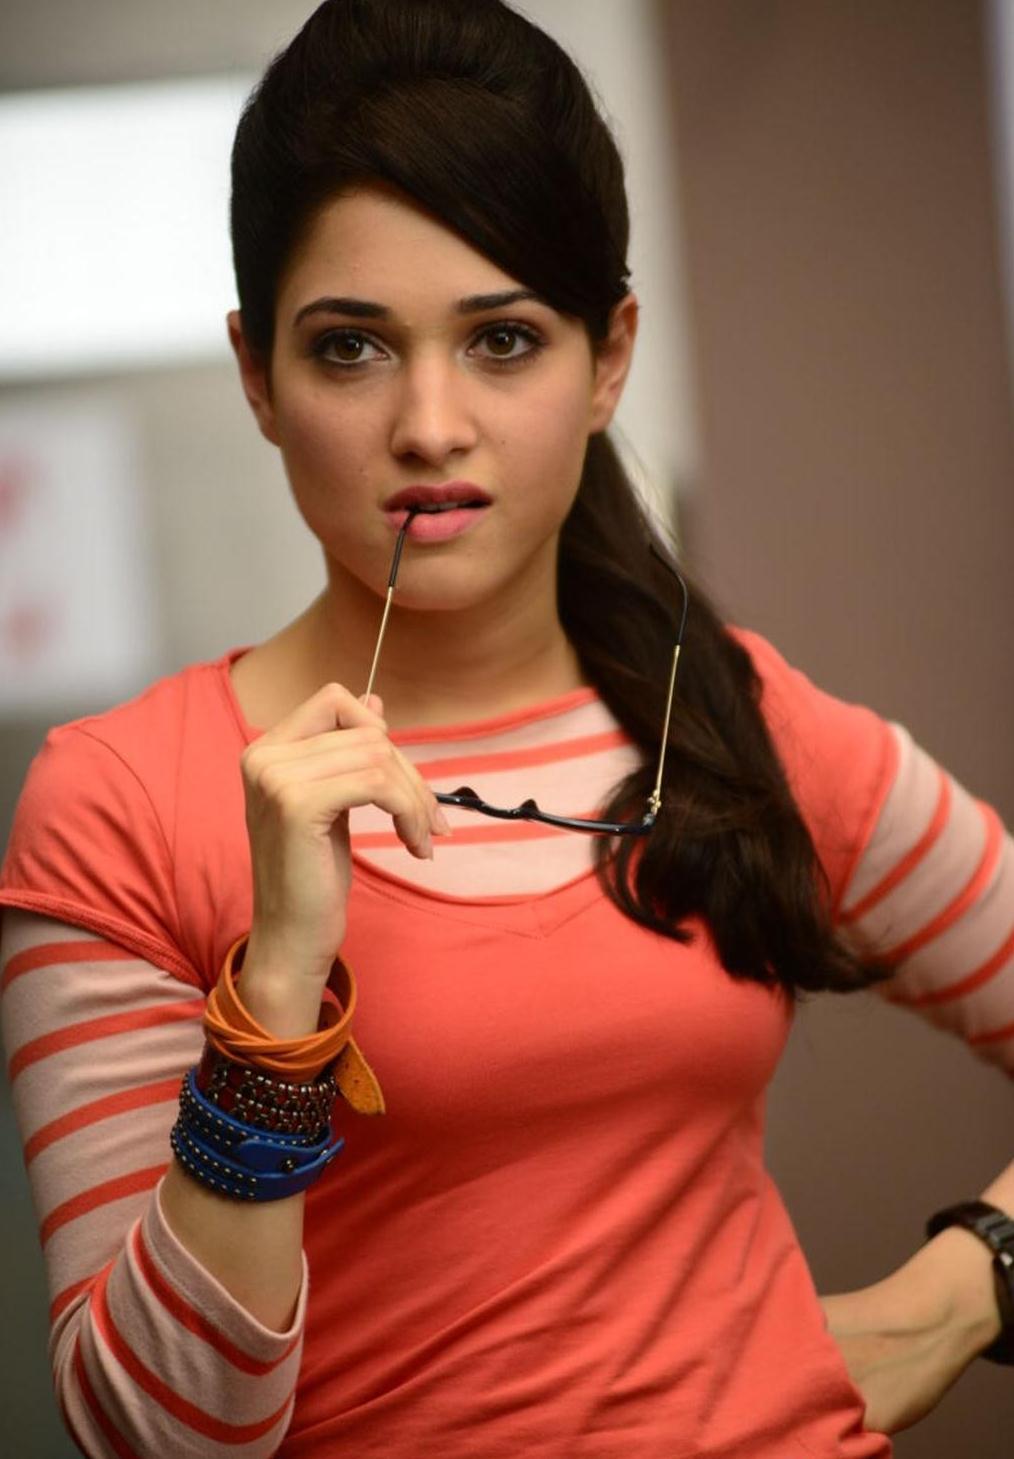 film actress tamannah bhatia - photo #45